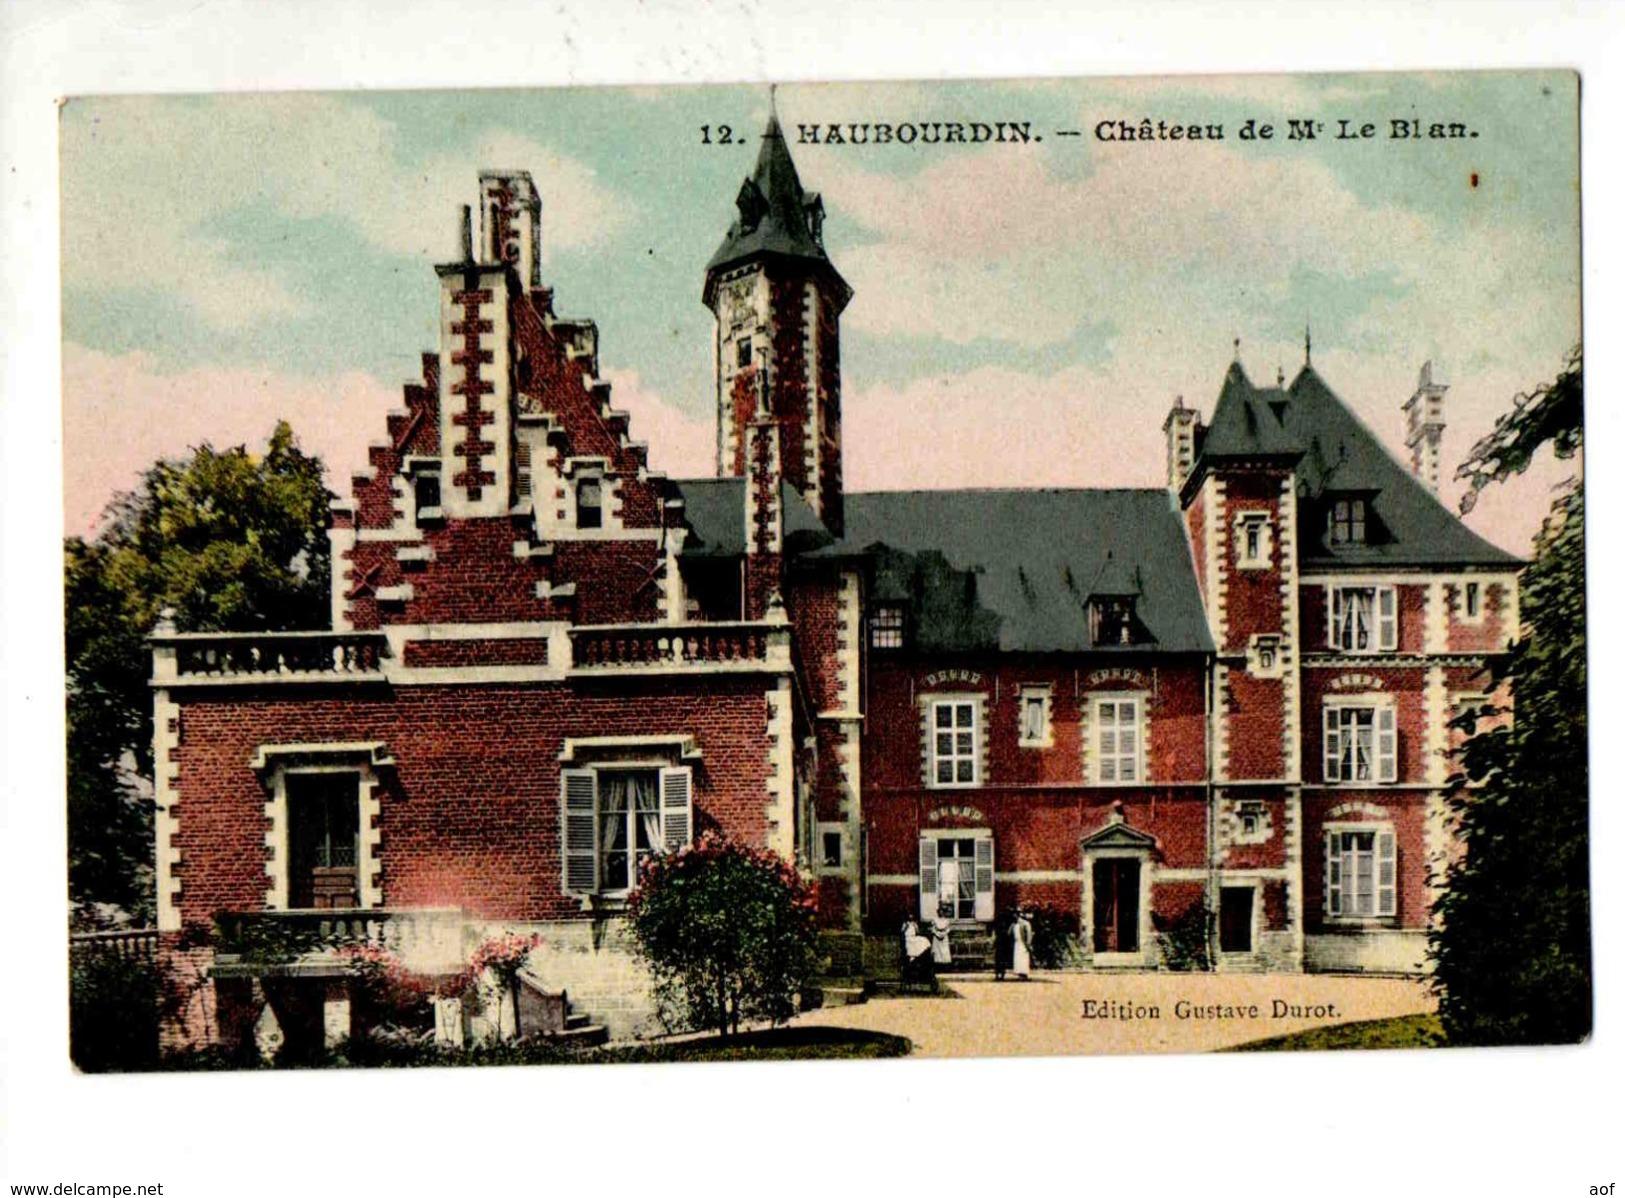 59-2589 HAUBOURDIN Château - Haubourdin